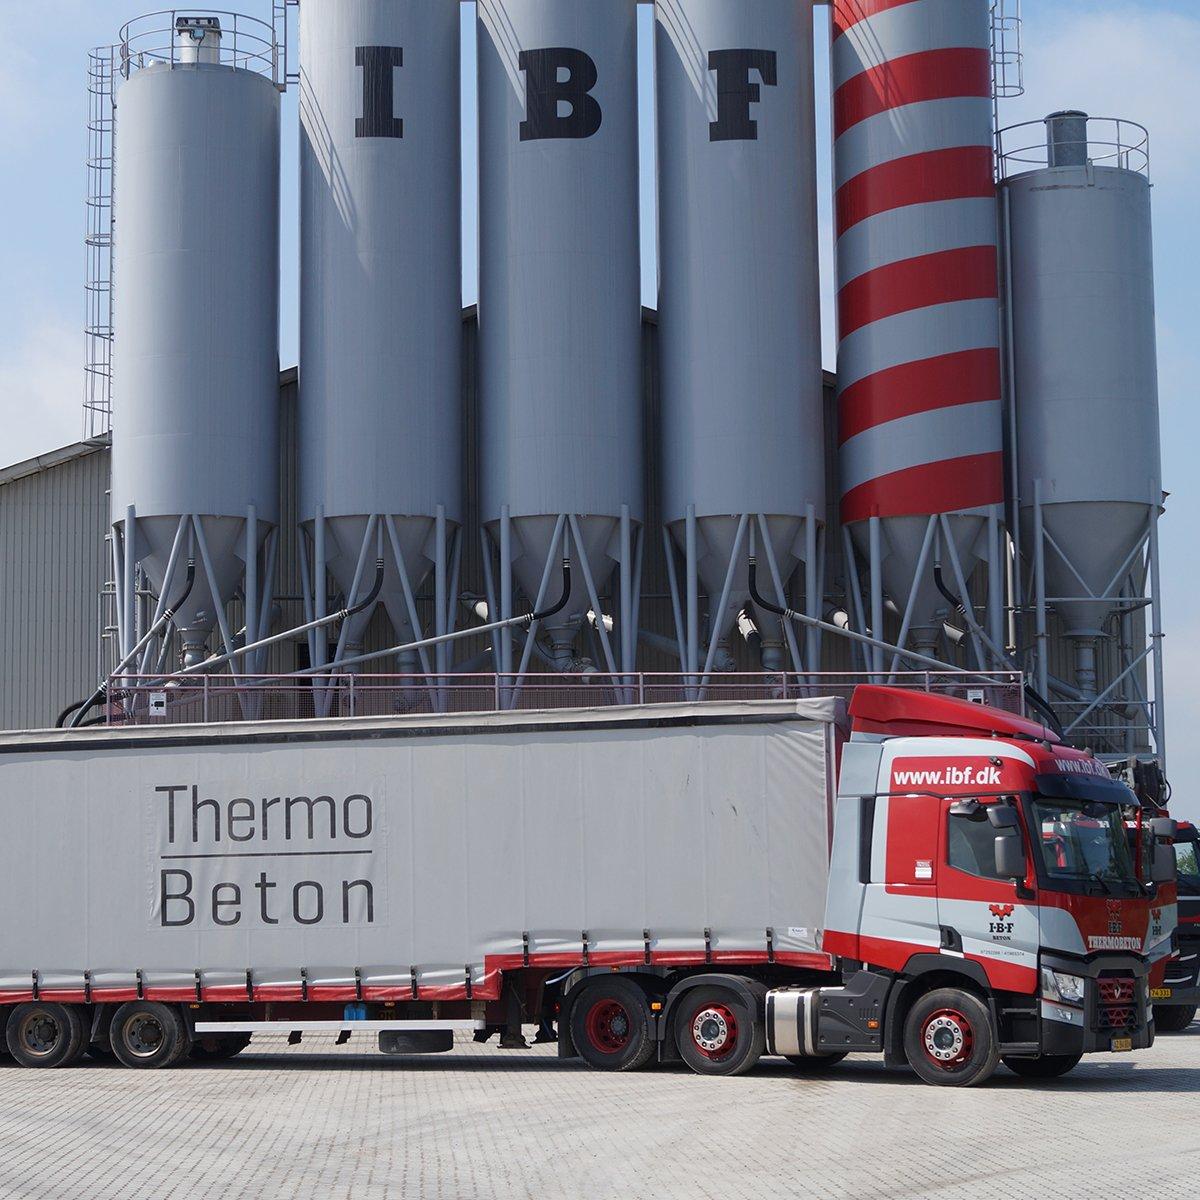 IBF Thermobeton